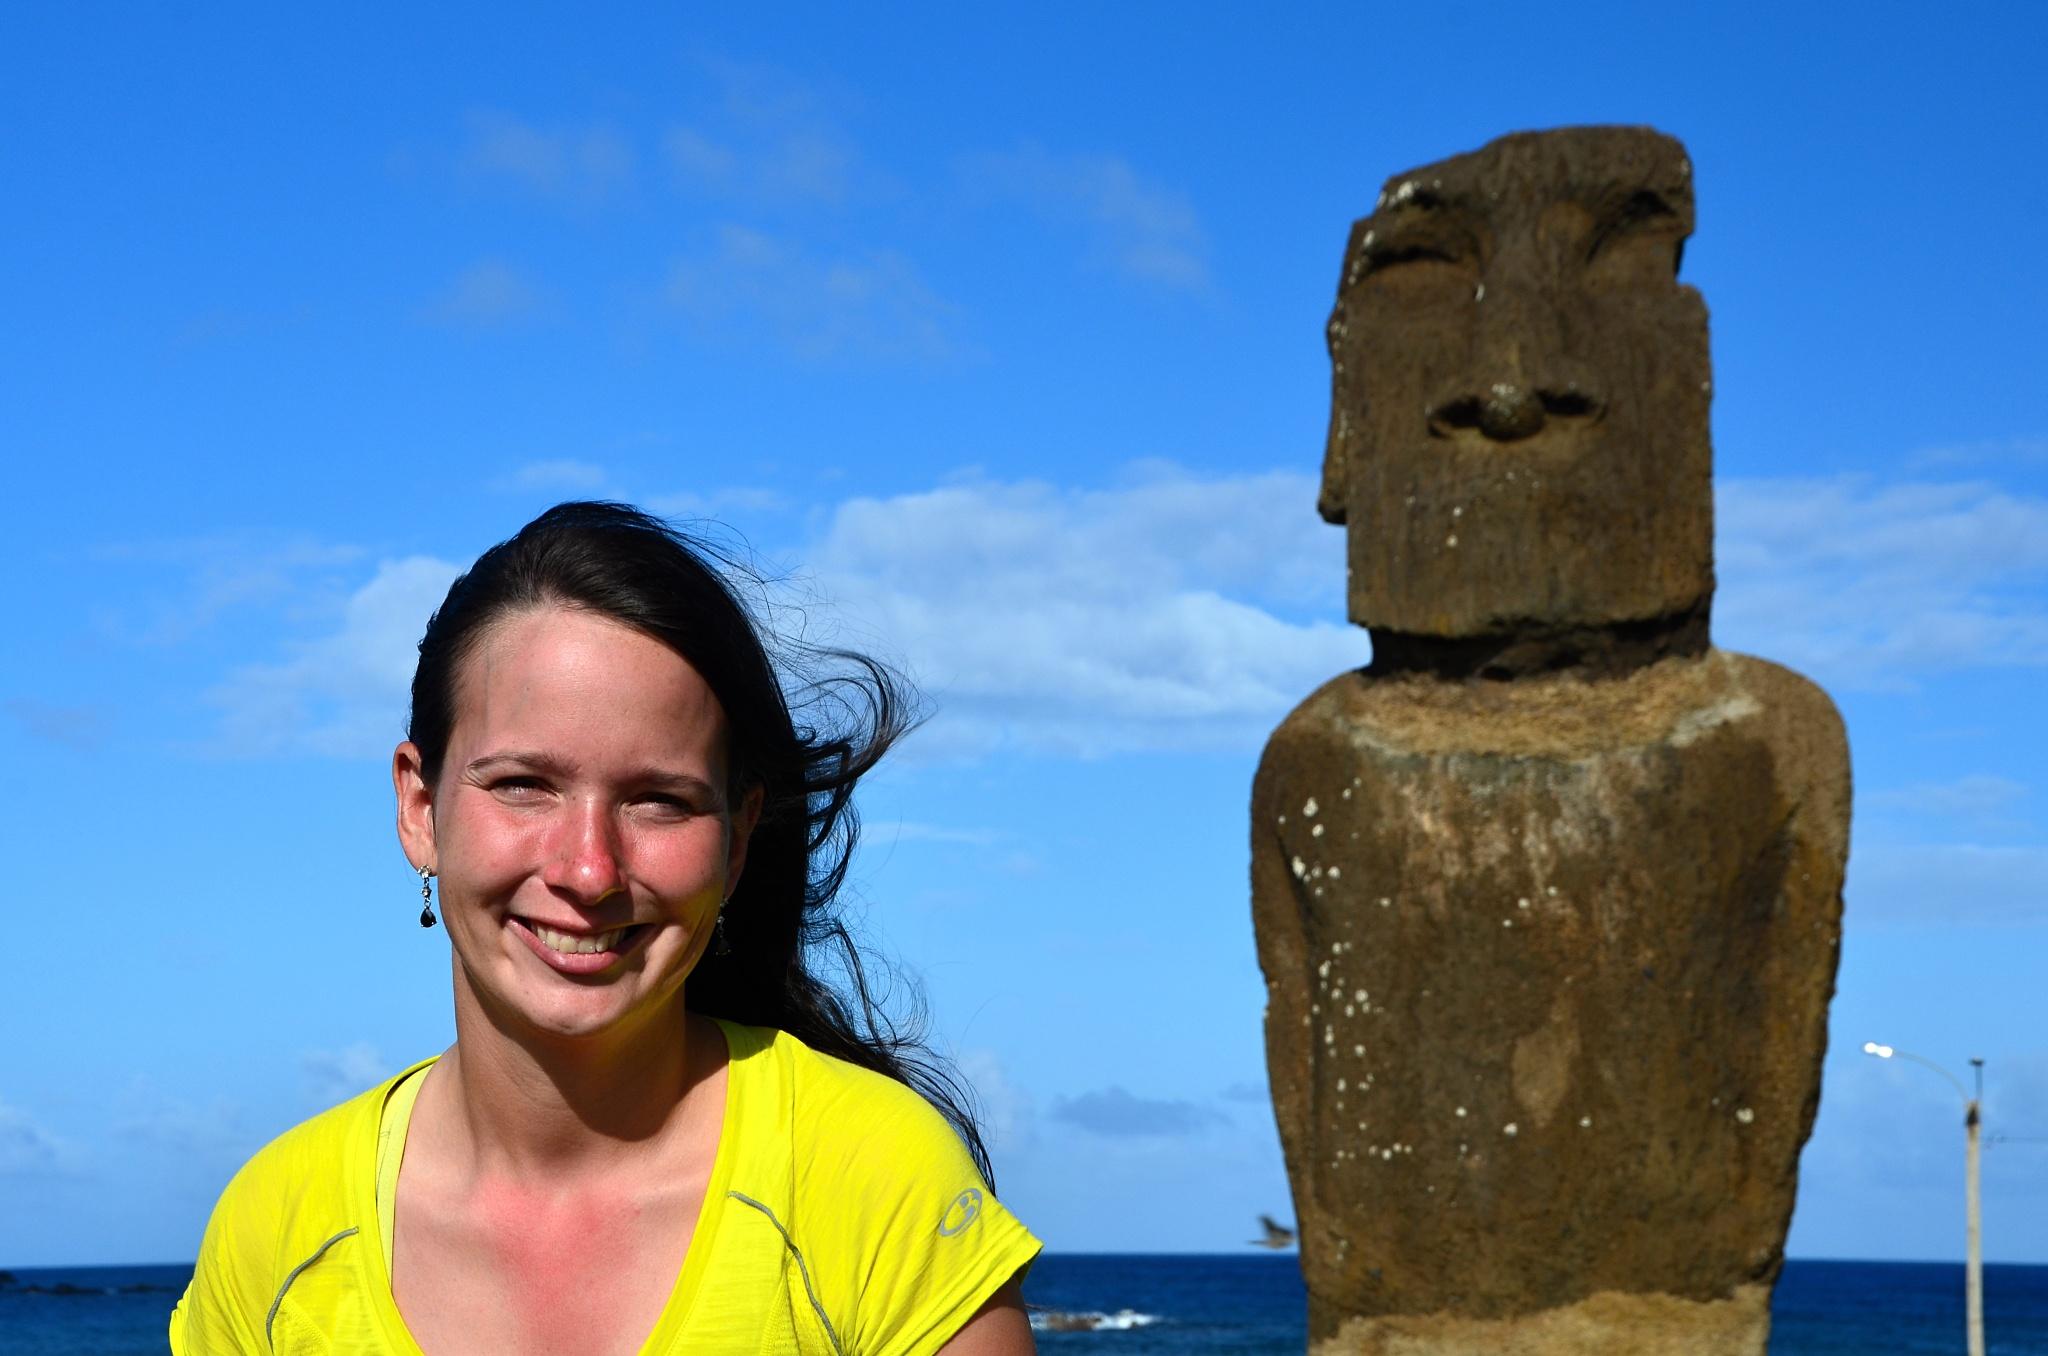 Hanka u Moai na místě Ahu Hotake